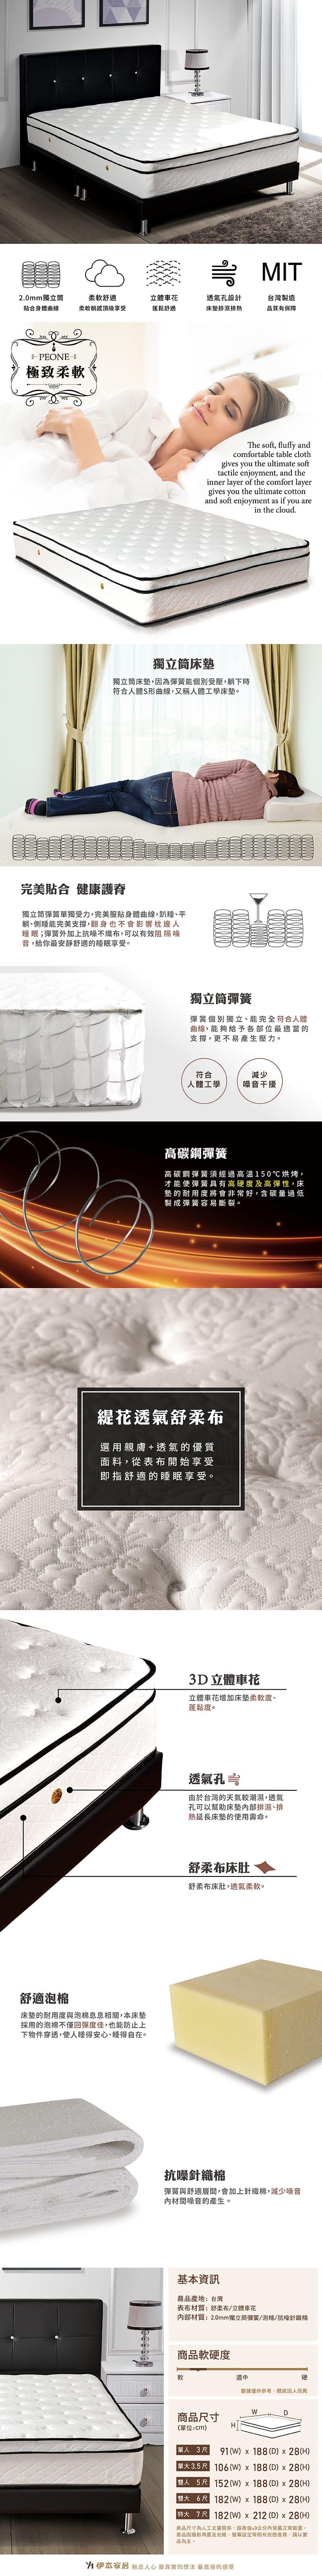 防蹣軟式獨立筒床墊 雙人5尺(水晶系列)